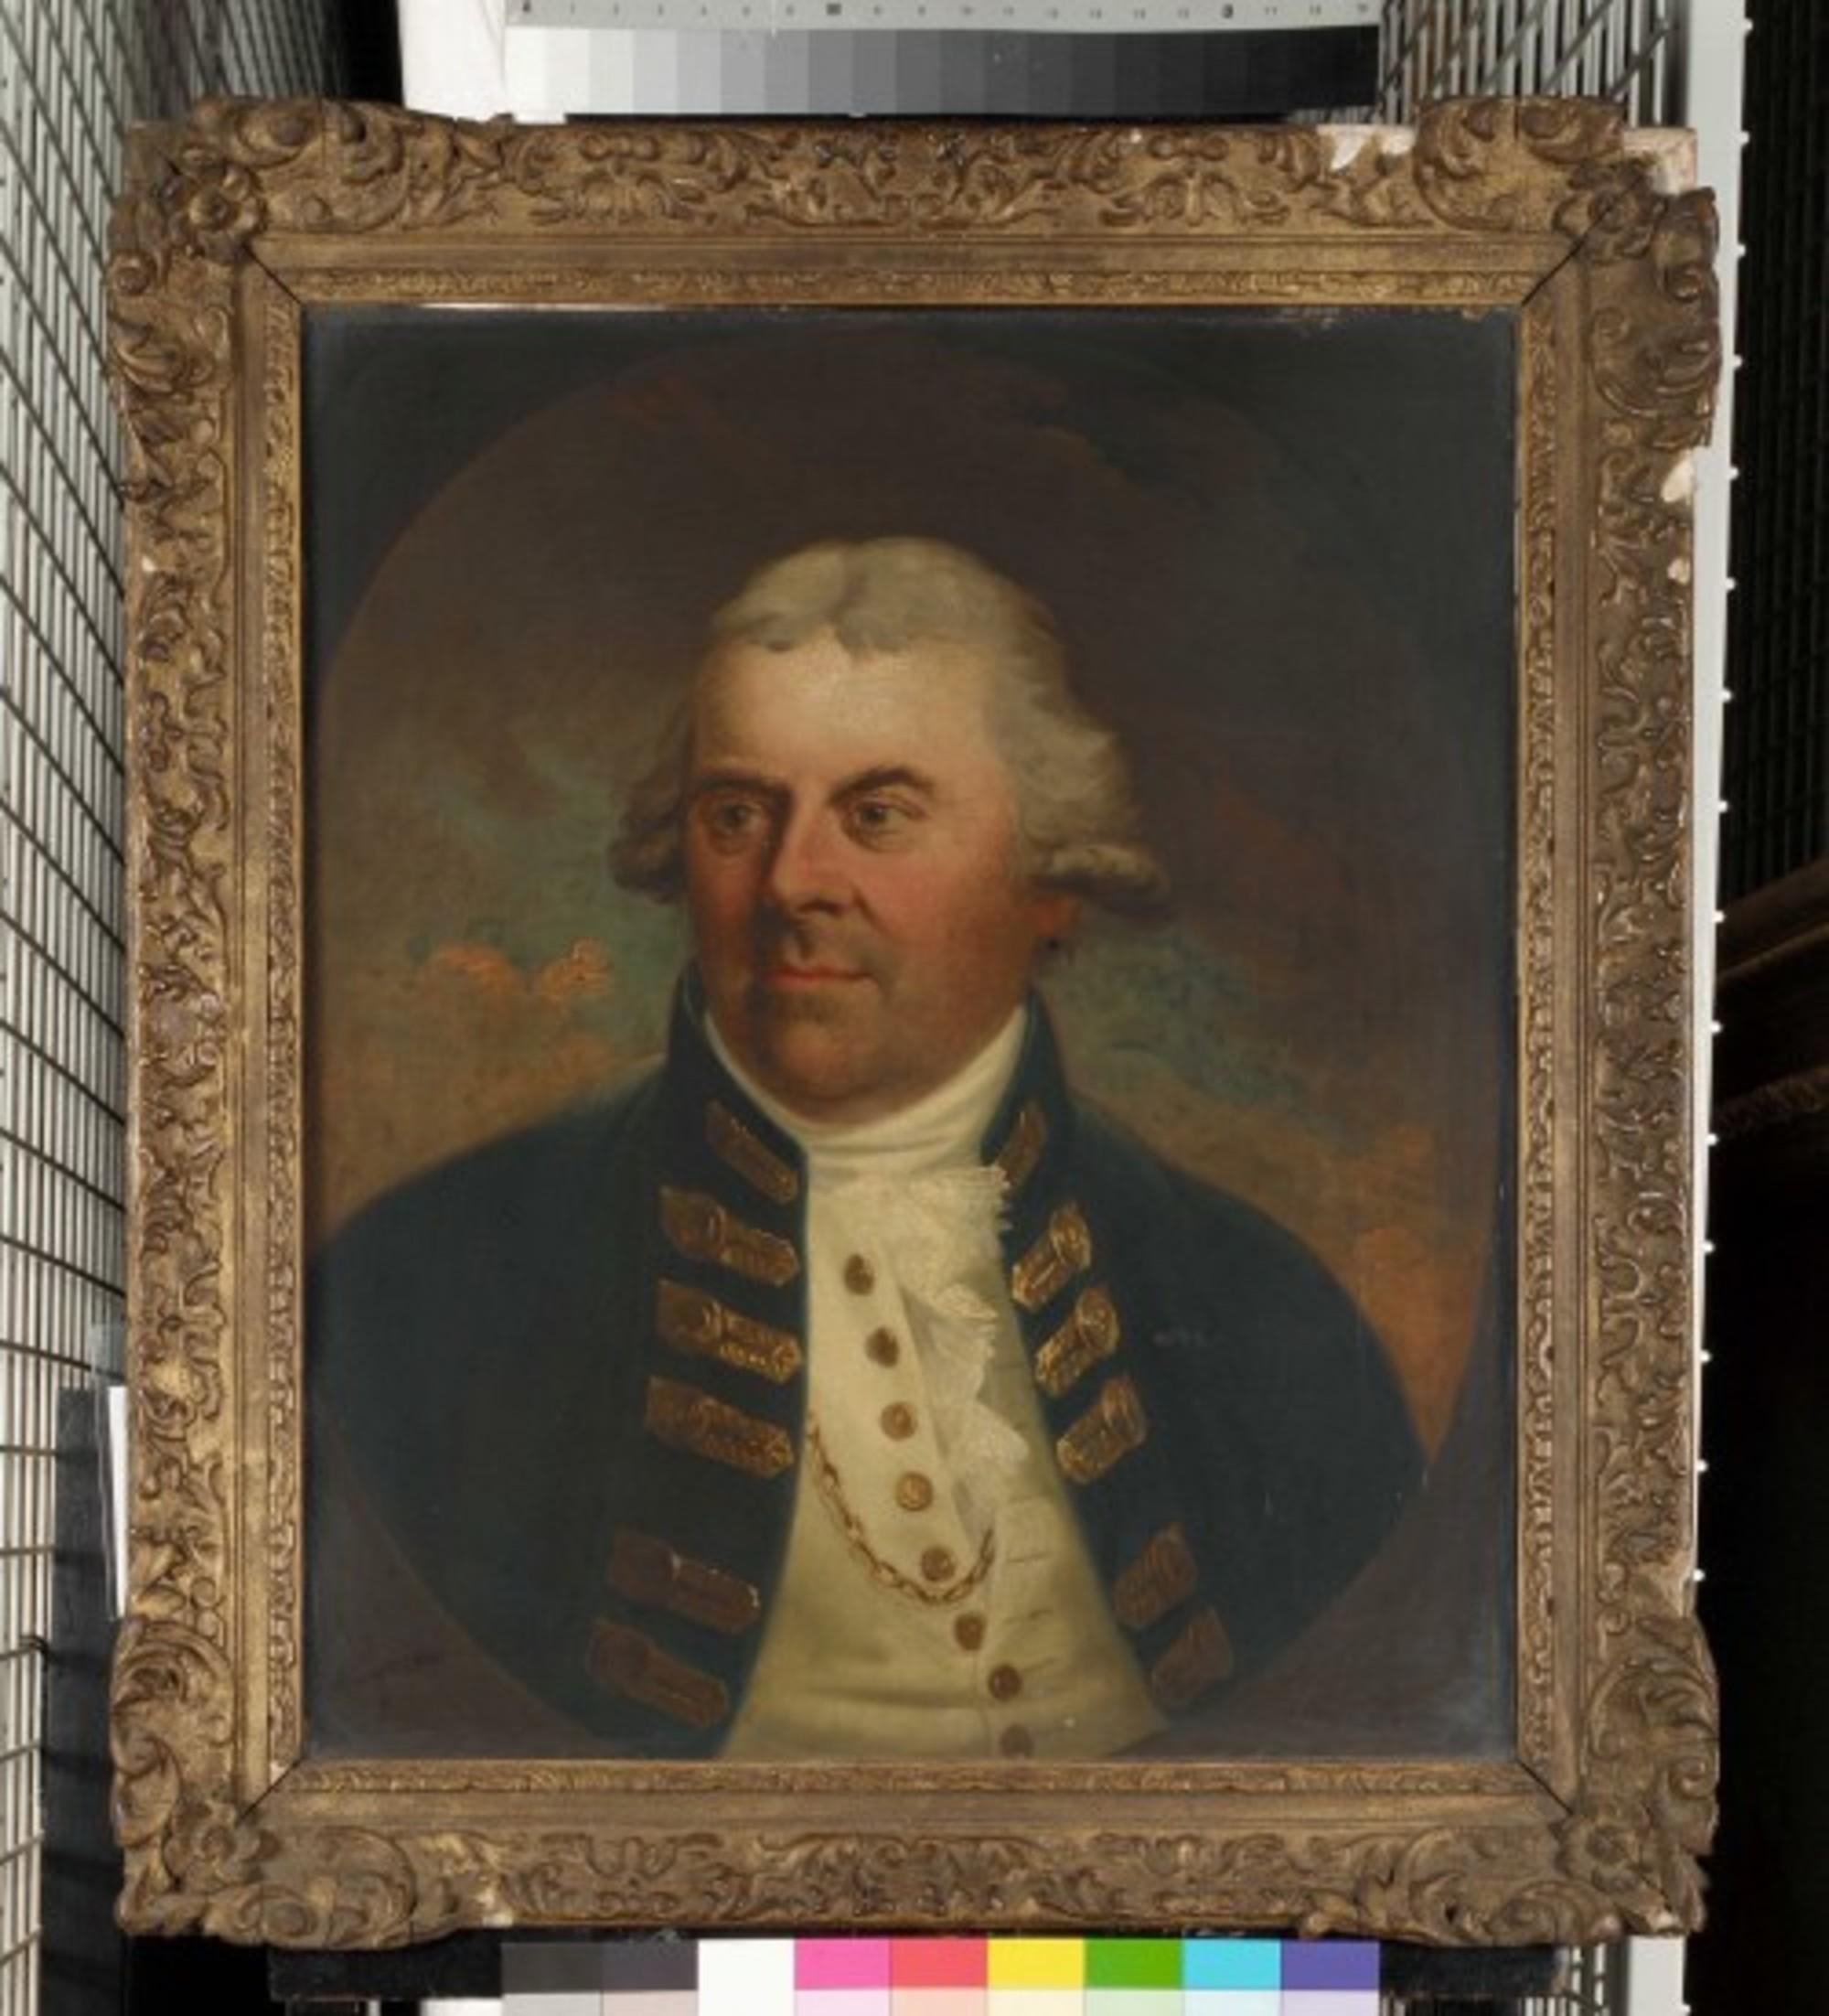 Vice-Admiral-Alan-Gardner-1742-1809-first-Baron-Gardner-RMG-BHC2704.jpg